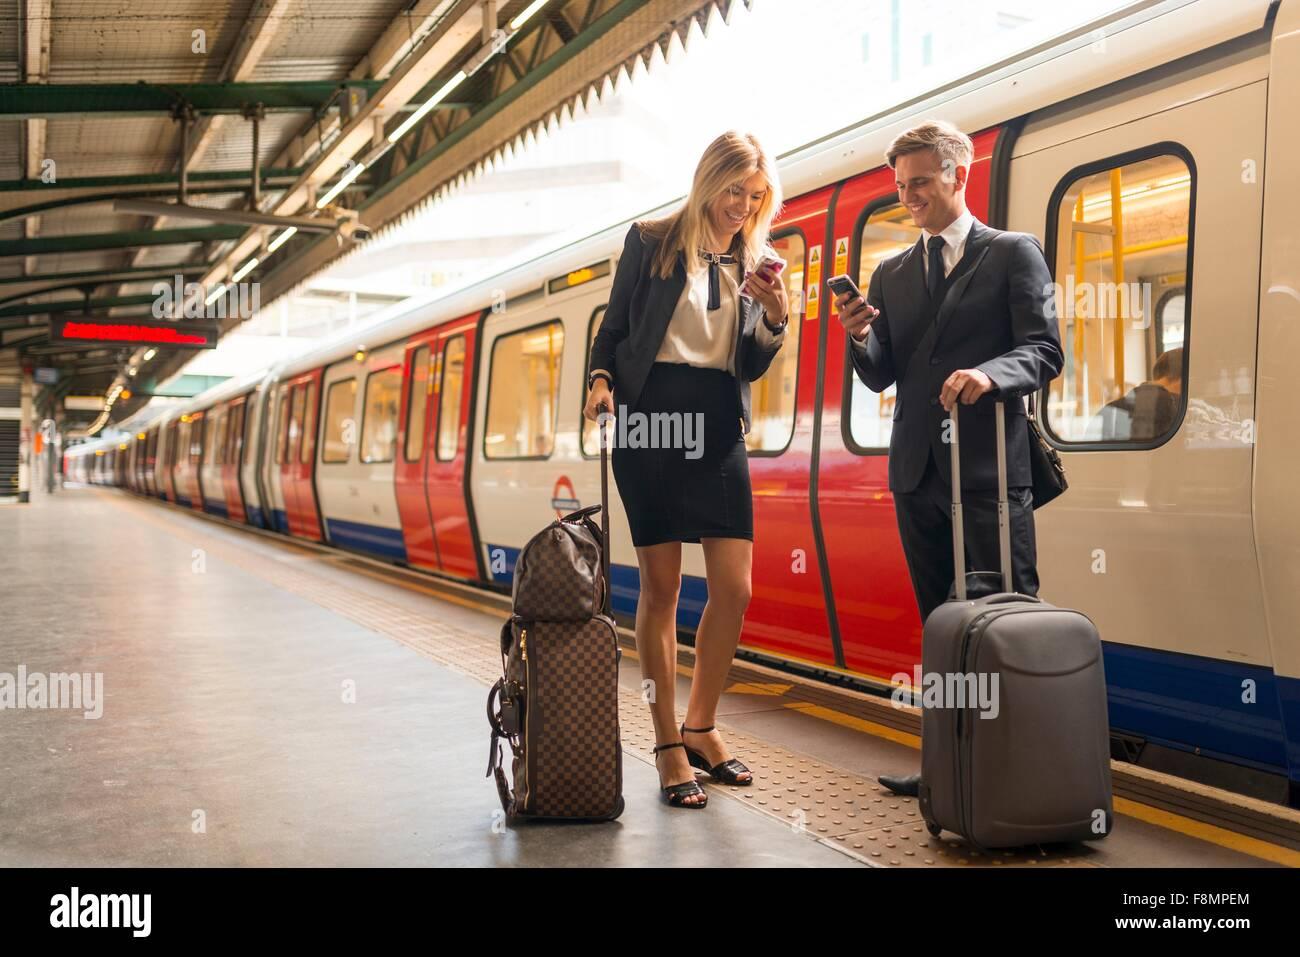 Empresario y empresaria texting sobre la plataforma, a la estación de metro, Londres, Reino Unido. Imagen De Stock